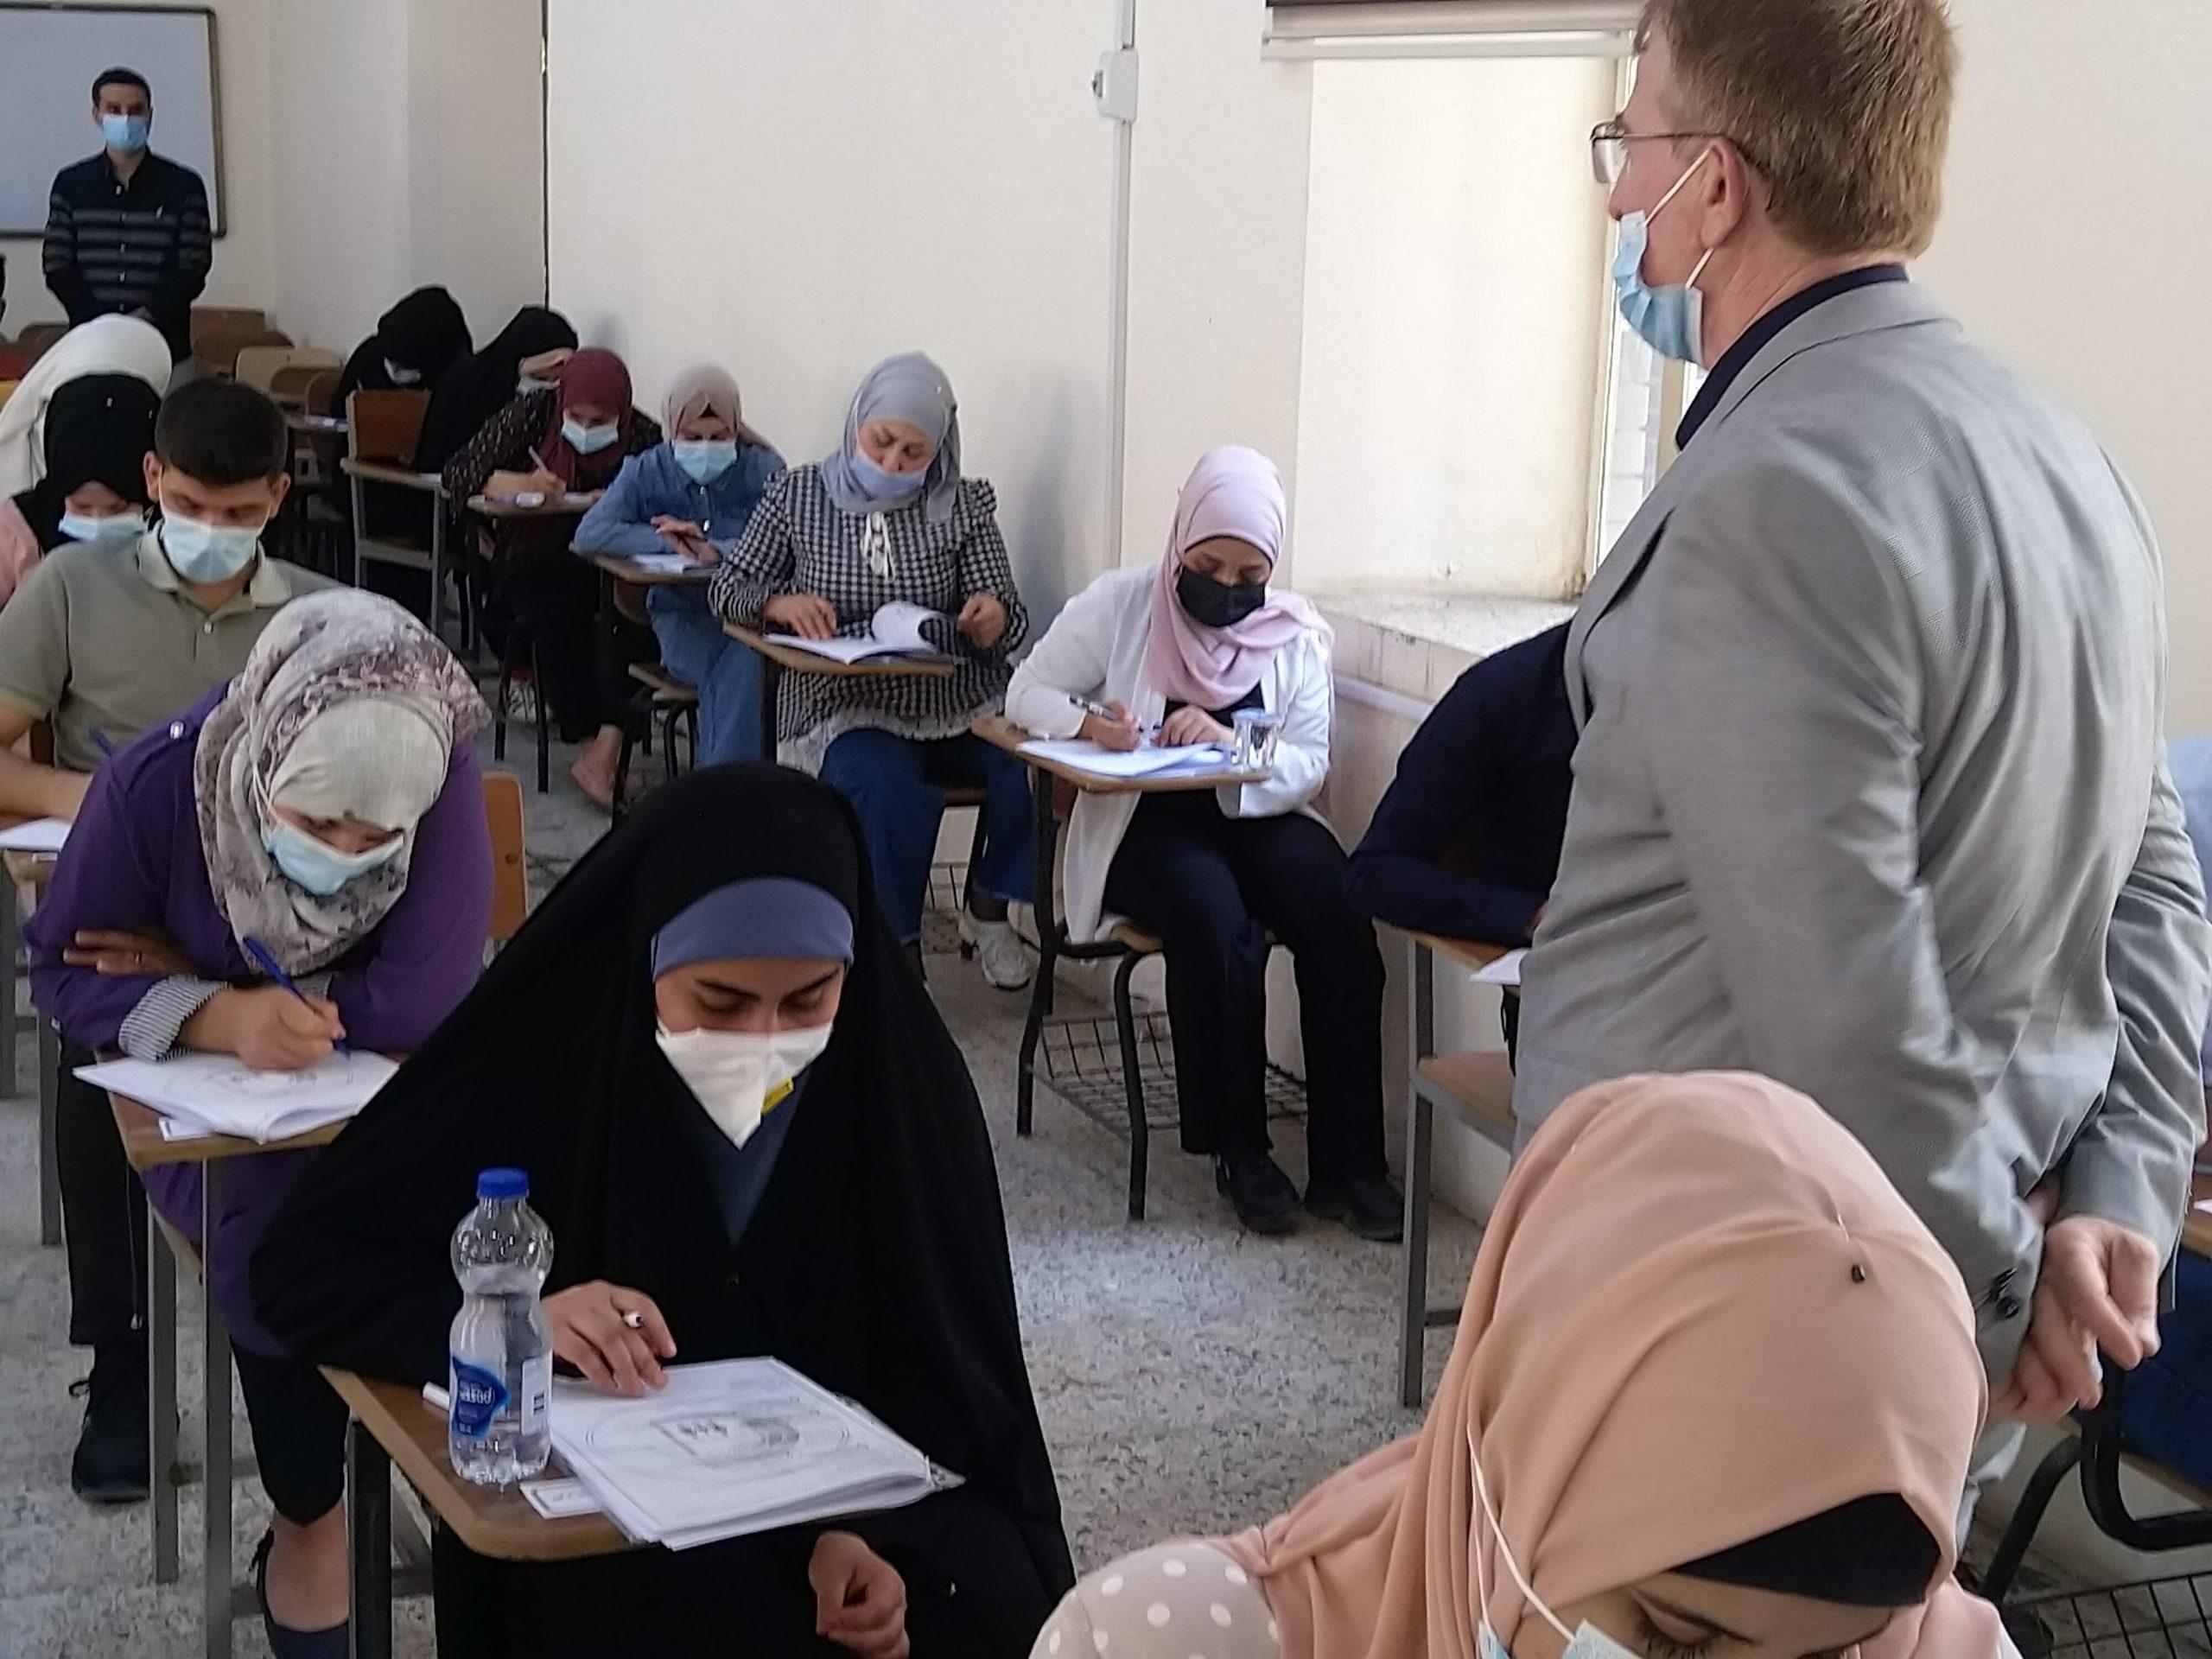 اجراء الامتحان التنافسي للتمتقدمين للدراسات ( الدكتوراه ,الماجستير , والدبلوم العالي)  للعام الدراسي( 2021-2022 ).